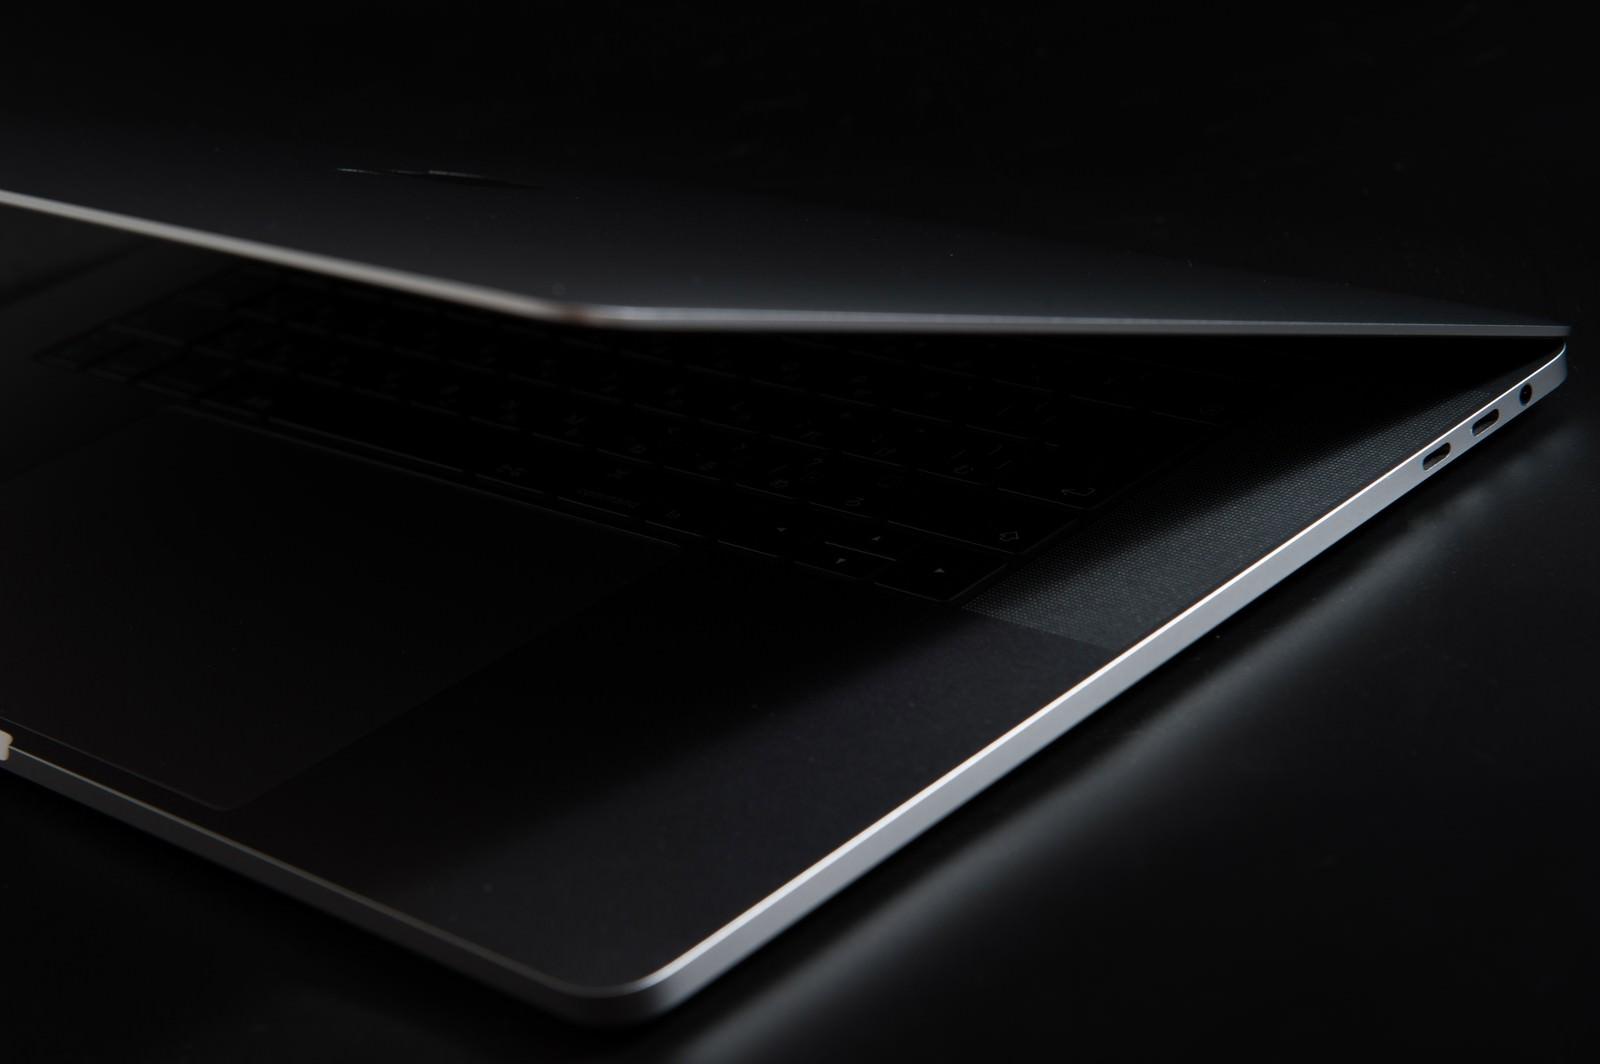 「薄さ際立つノートパソコン」の写真